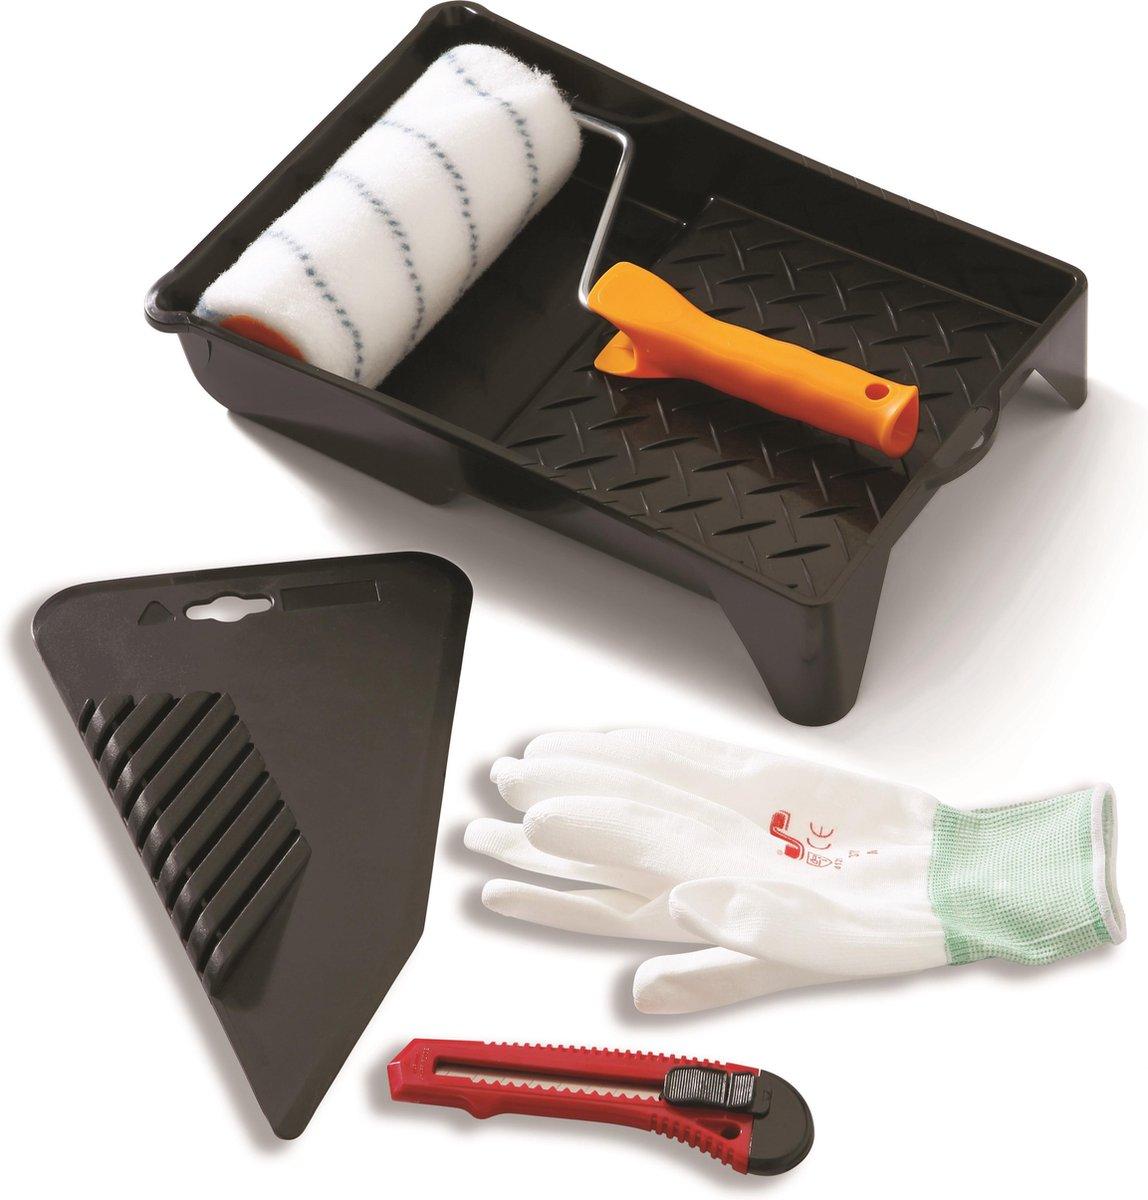 Glasvezelbehang Set - 5-delig - 1 lijmroller - 1 behang/textielstrijker - 1 afbreekmes - 1 verfbak -